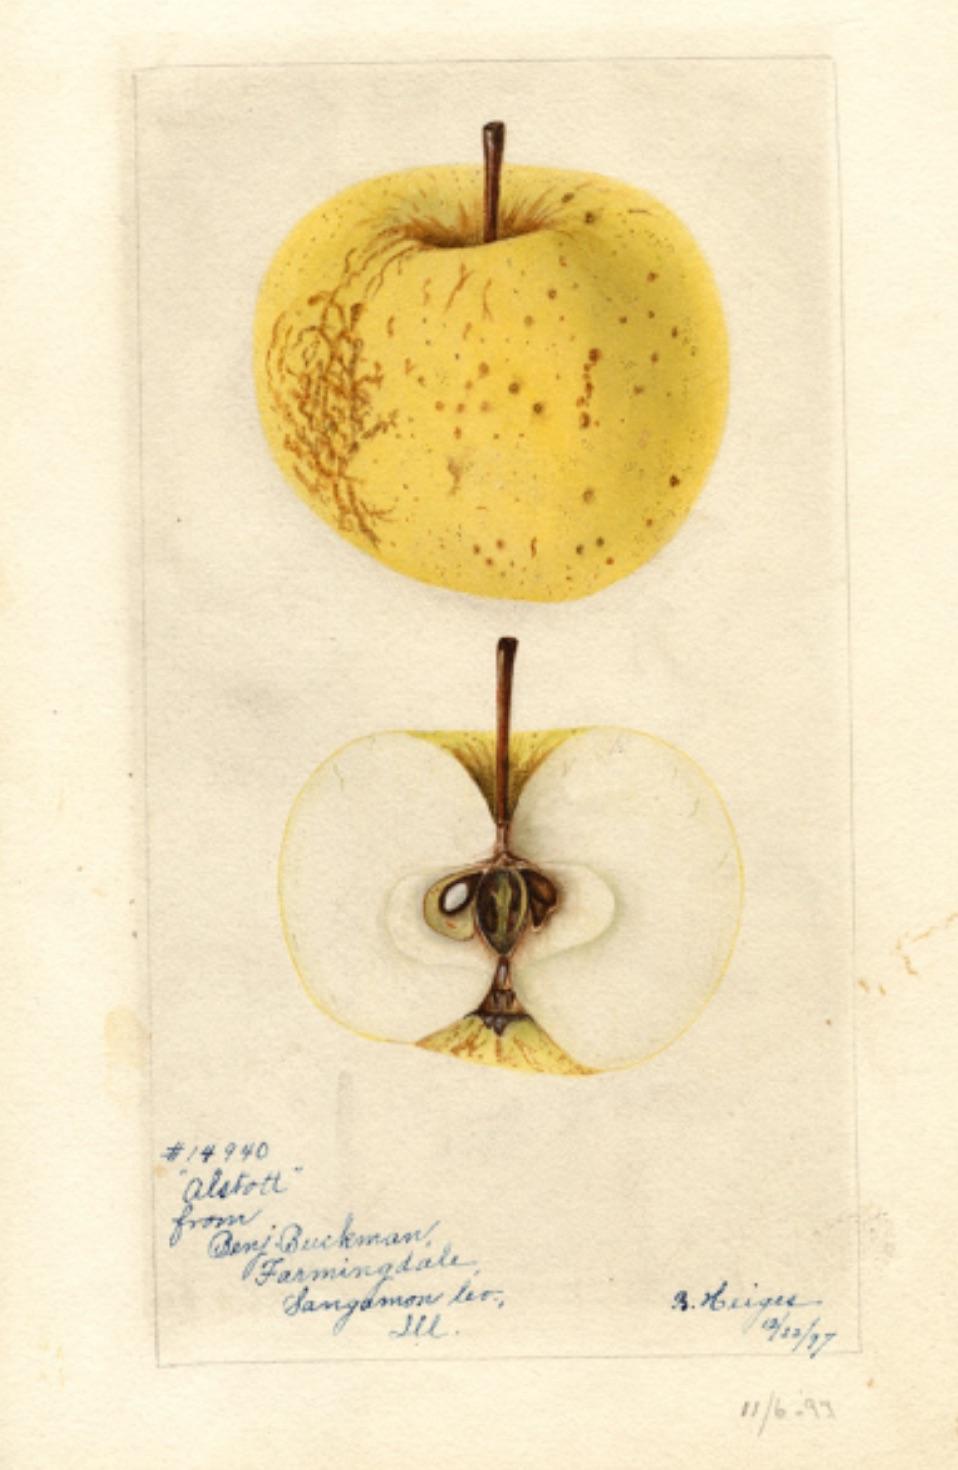 Historische Abbildung eines gelblichen und eines aufgeschnittenen Apfels; USDA